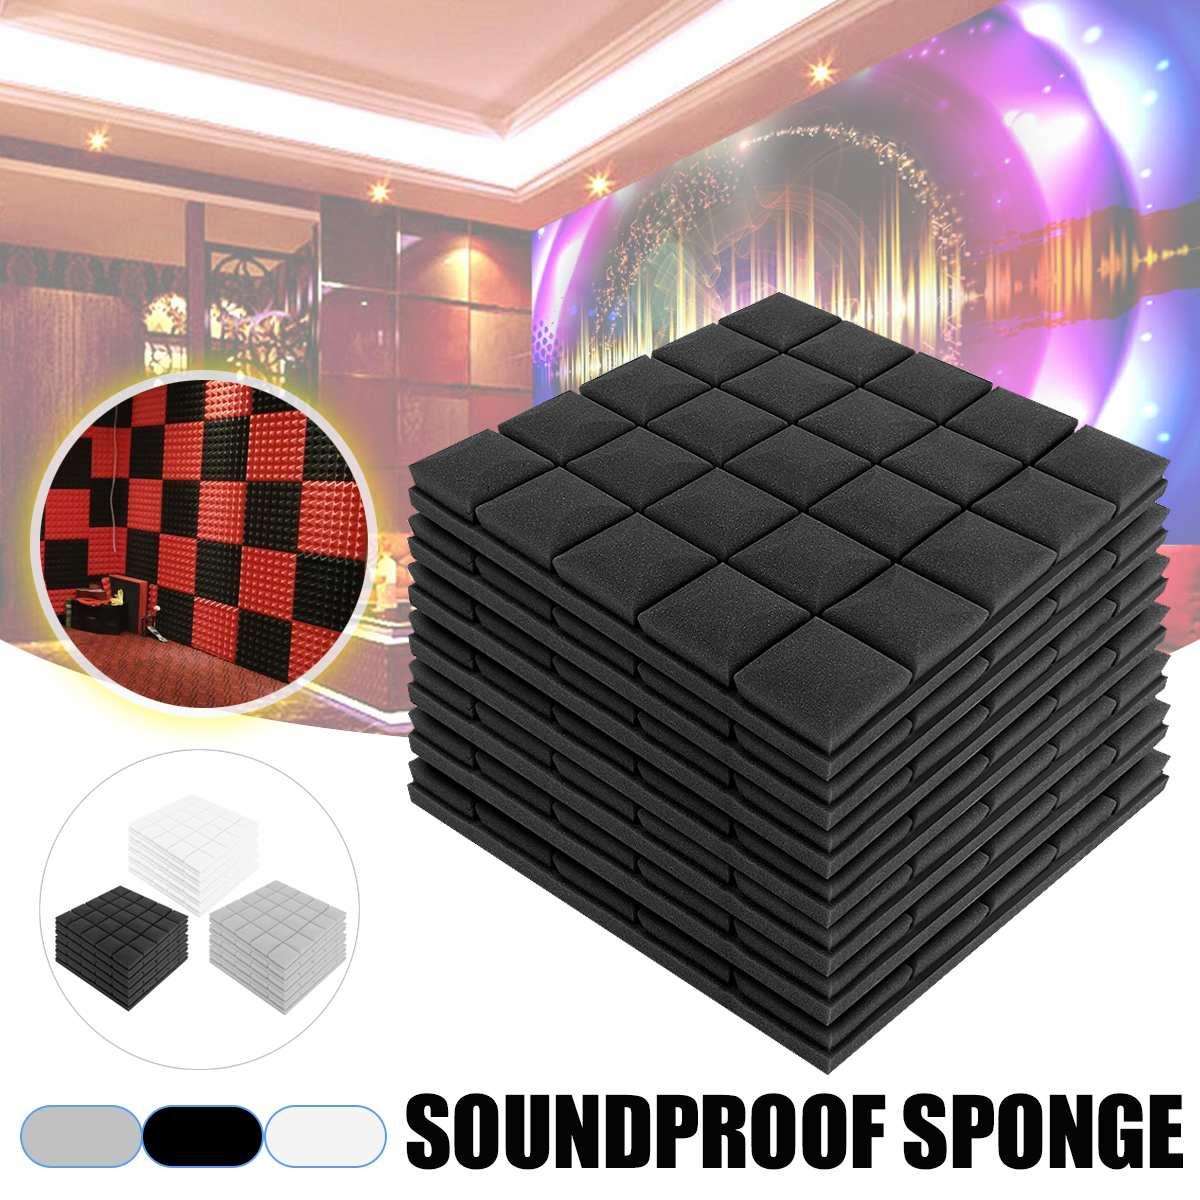 5pcs Soundproof Foam 500x500x50mm Acoustic Sound Stop Absorption Sponge Drum Room Accessories Wedge Tiles Polyurethane Foam